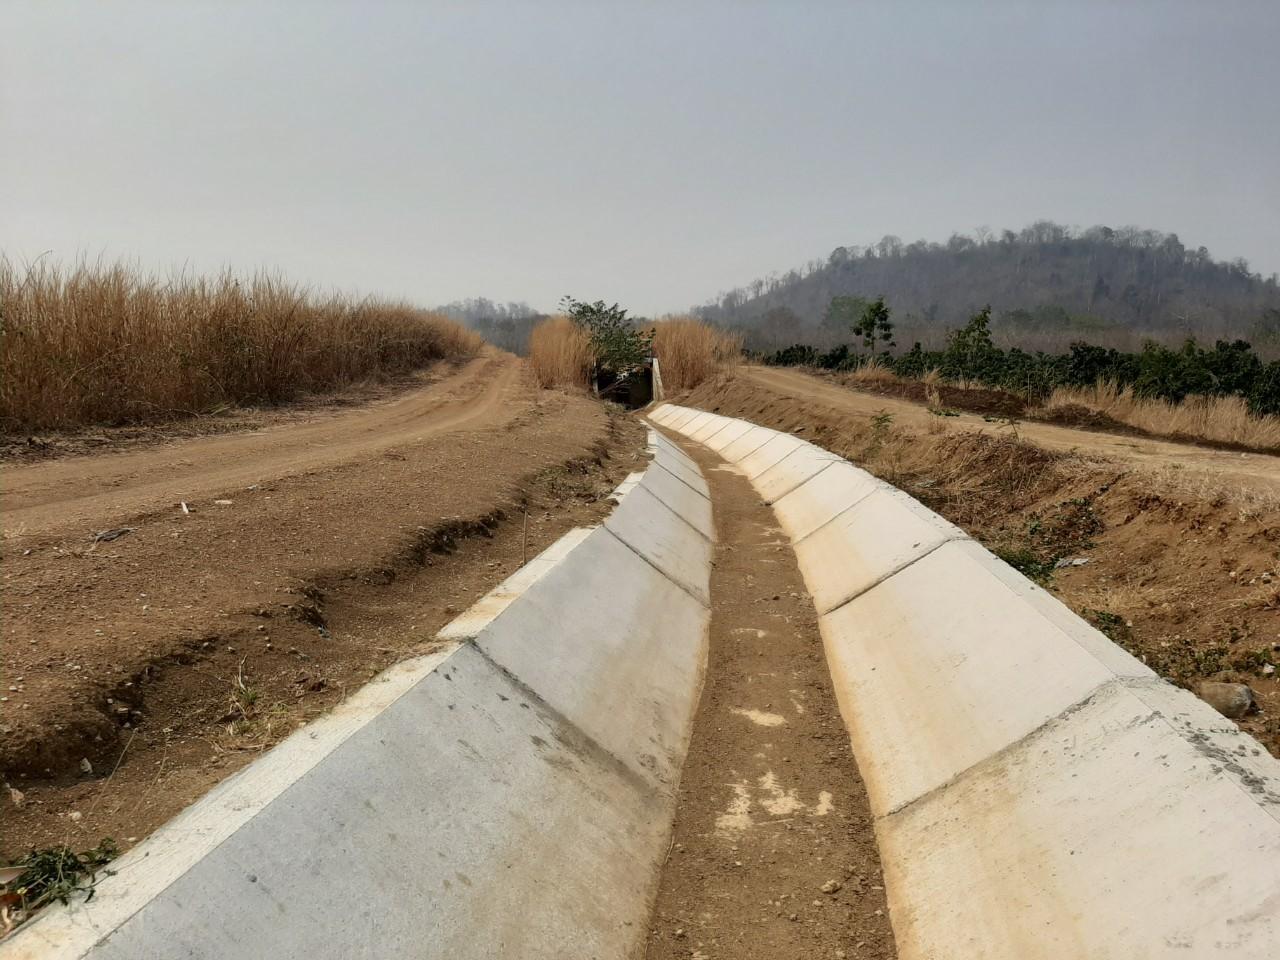 """สภาเกษตรกรจันทบุรี เสนอ 4 ทางแก้แล้ง """"จะไม่ยอมให้เกษตรกรล้มตาย แล้วเชิดชูอุตสาหกรรมให้เติบโต"""""""